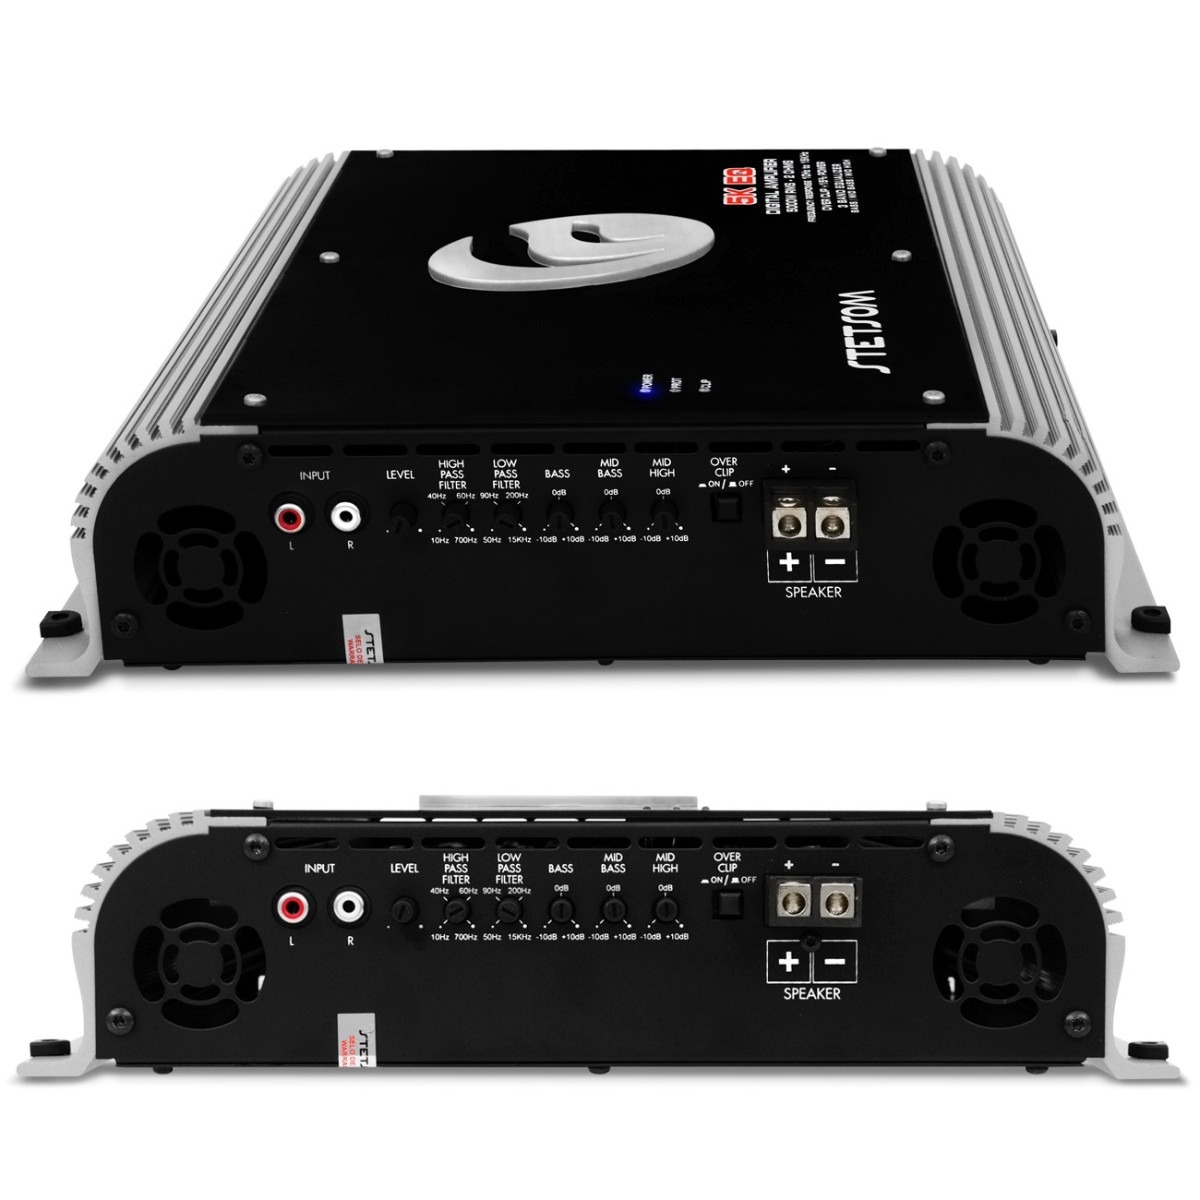 Modulo Stetsom 5k Es 5300w 1 Ch Amplificador + Controle Sx1